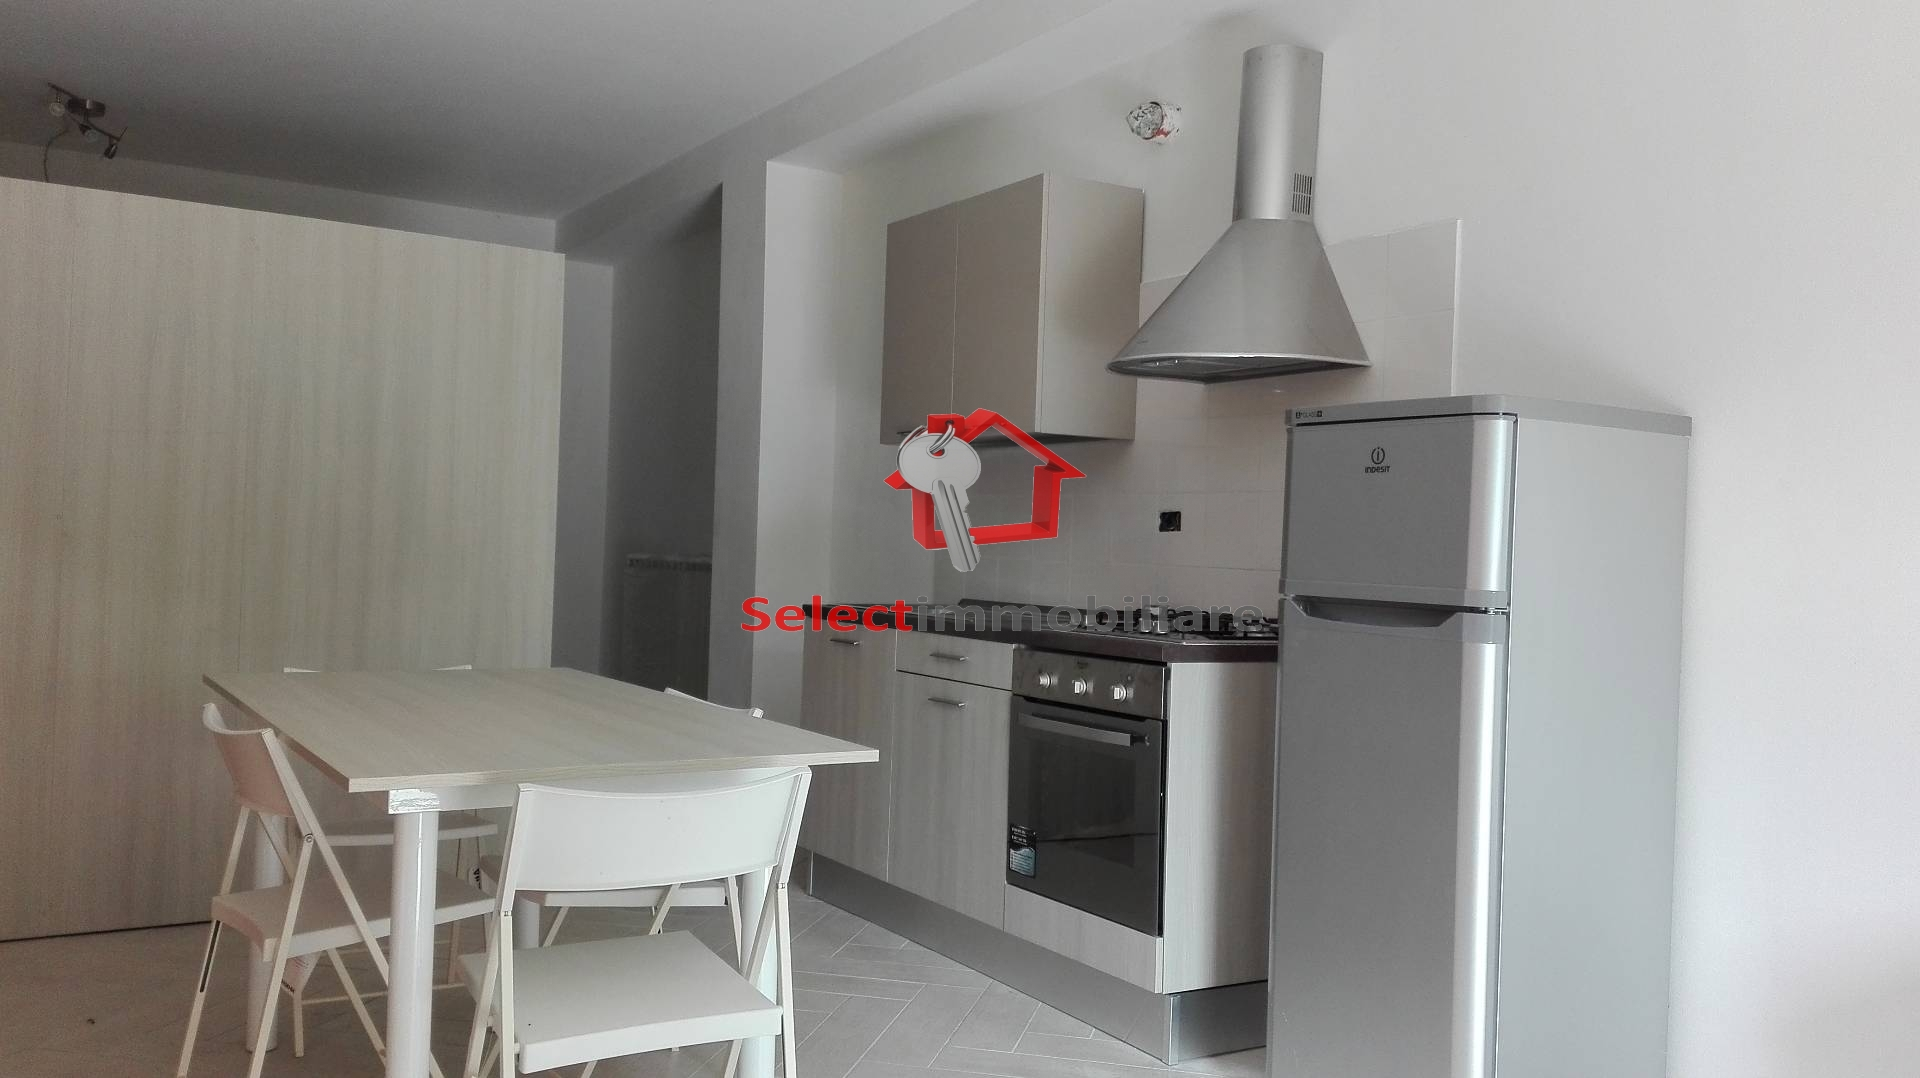 Appartamento in vendita a Bagni di Lucca, 1 locali, prezzo € 95.000 | Cambio Casa.it